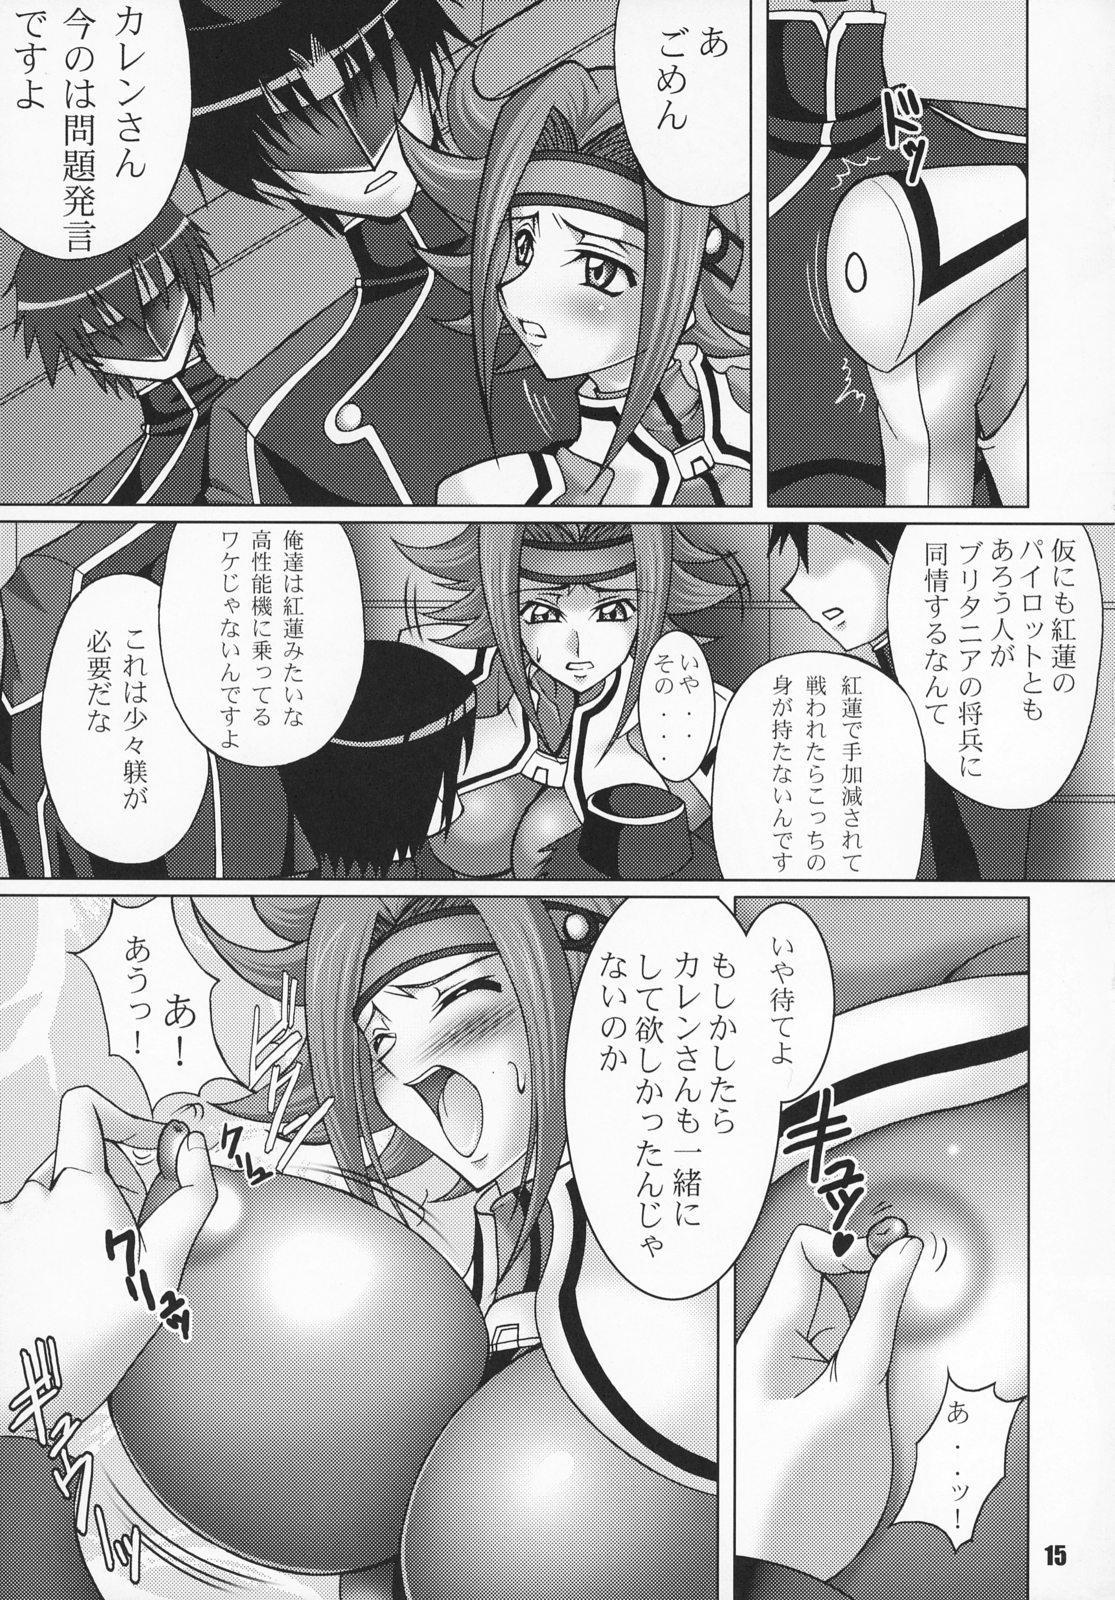 Geass Damashii 13